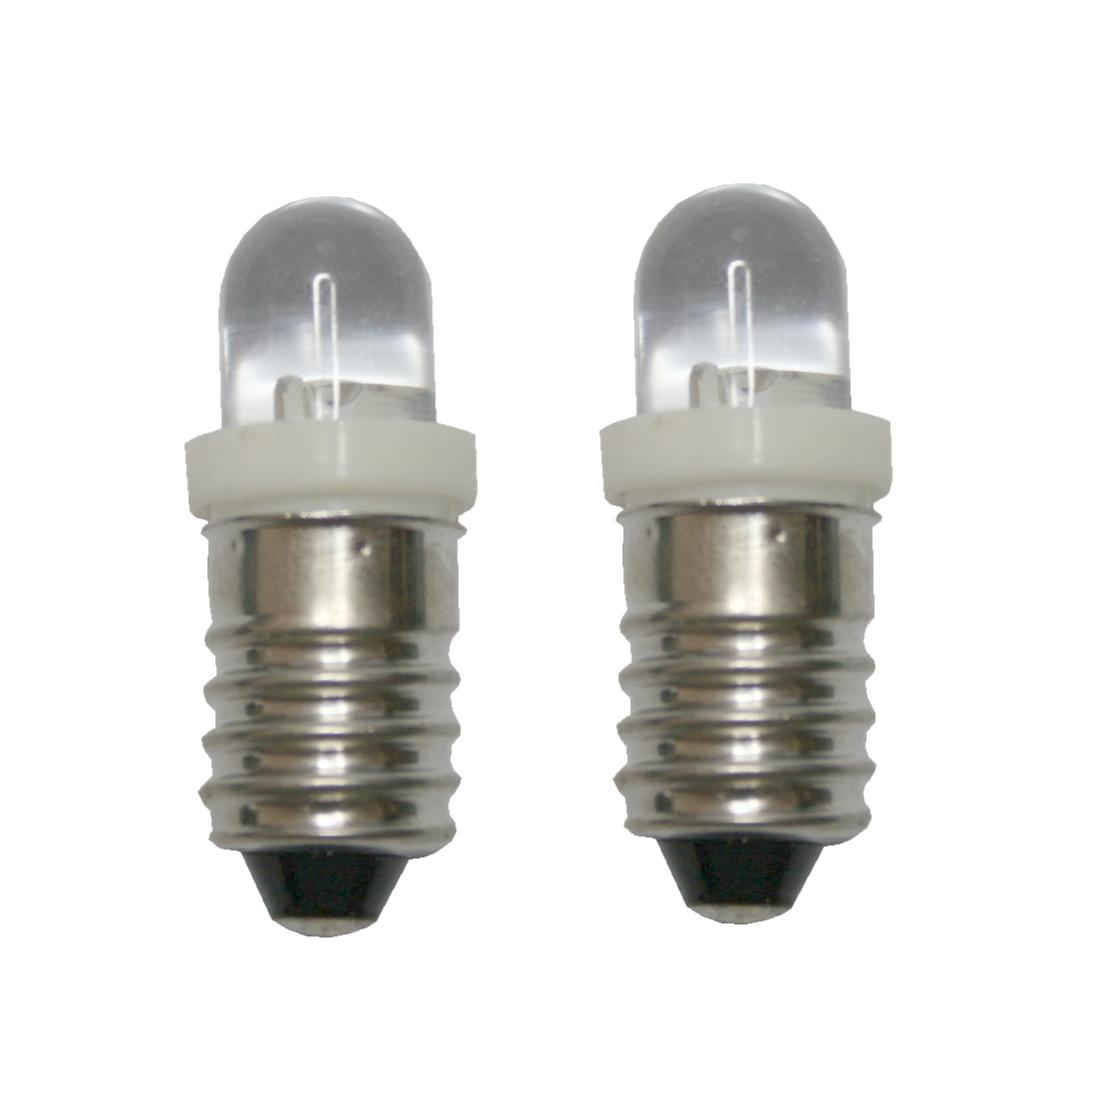 LED Glühlampe Glühbirne E10 6V weiß 2 Stück (8219)